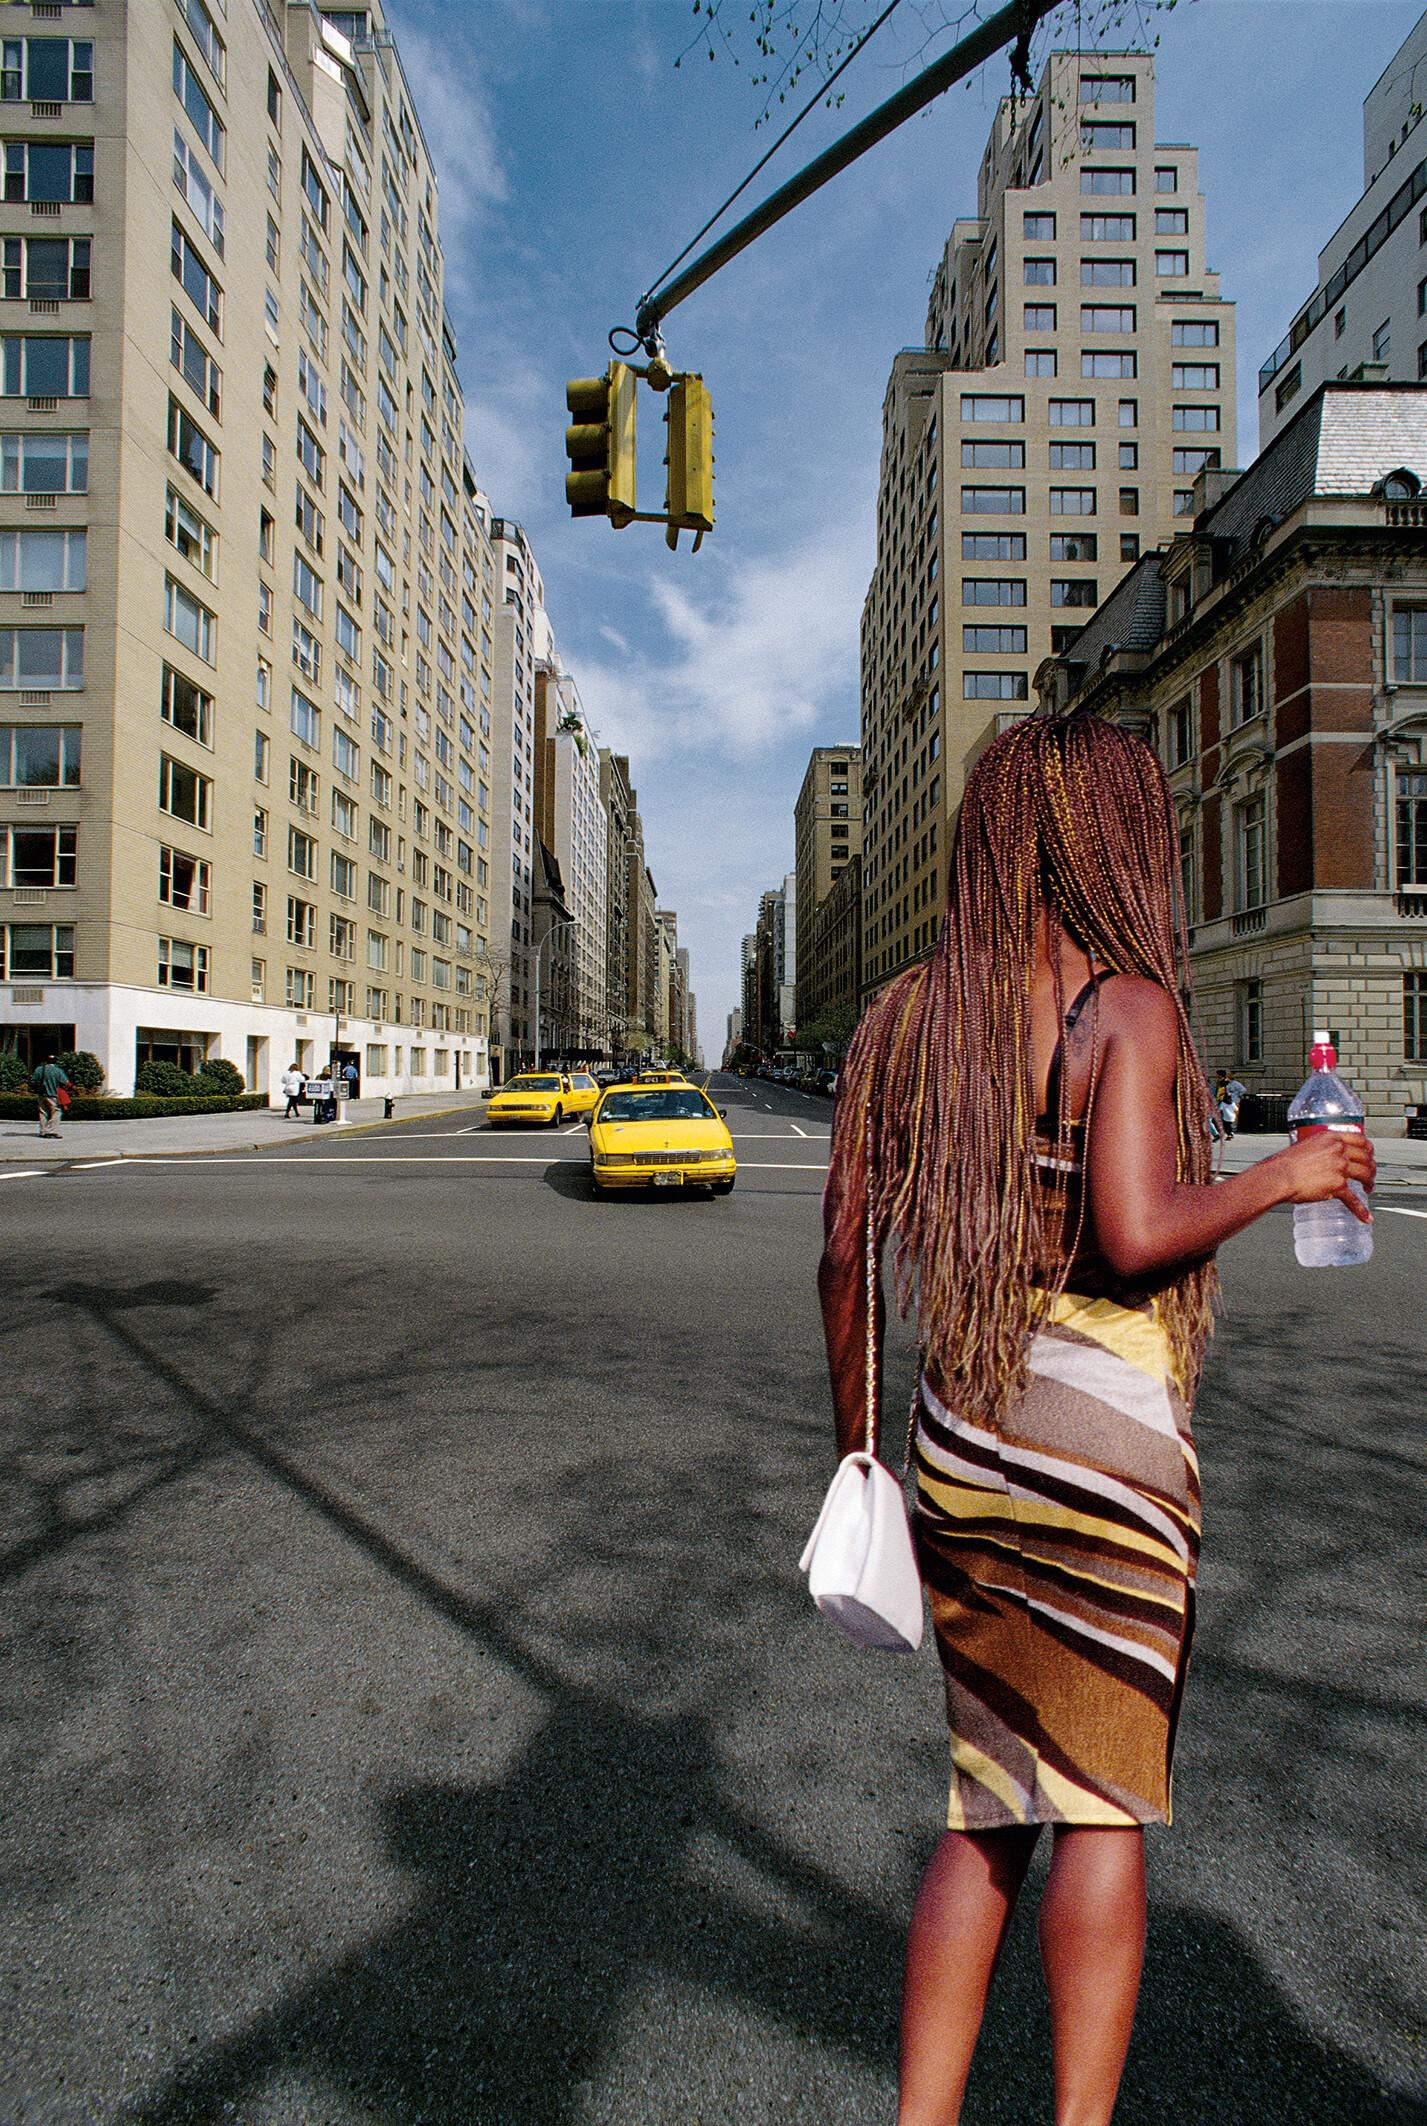 Нью-Йорк, 2001. Фотограф Франко Фонтана